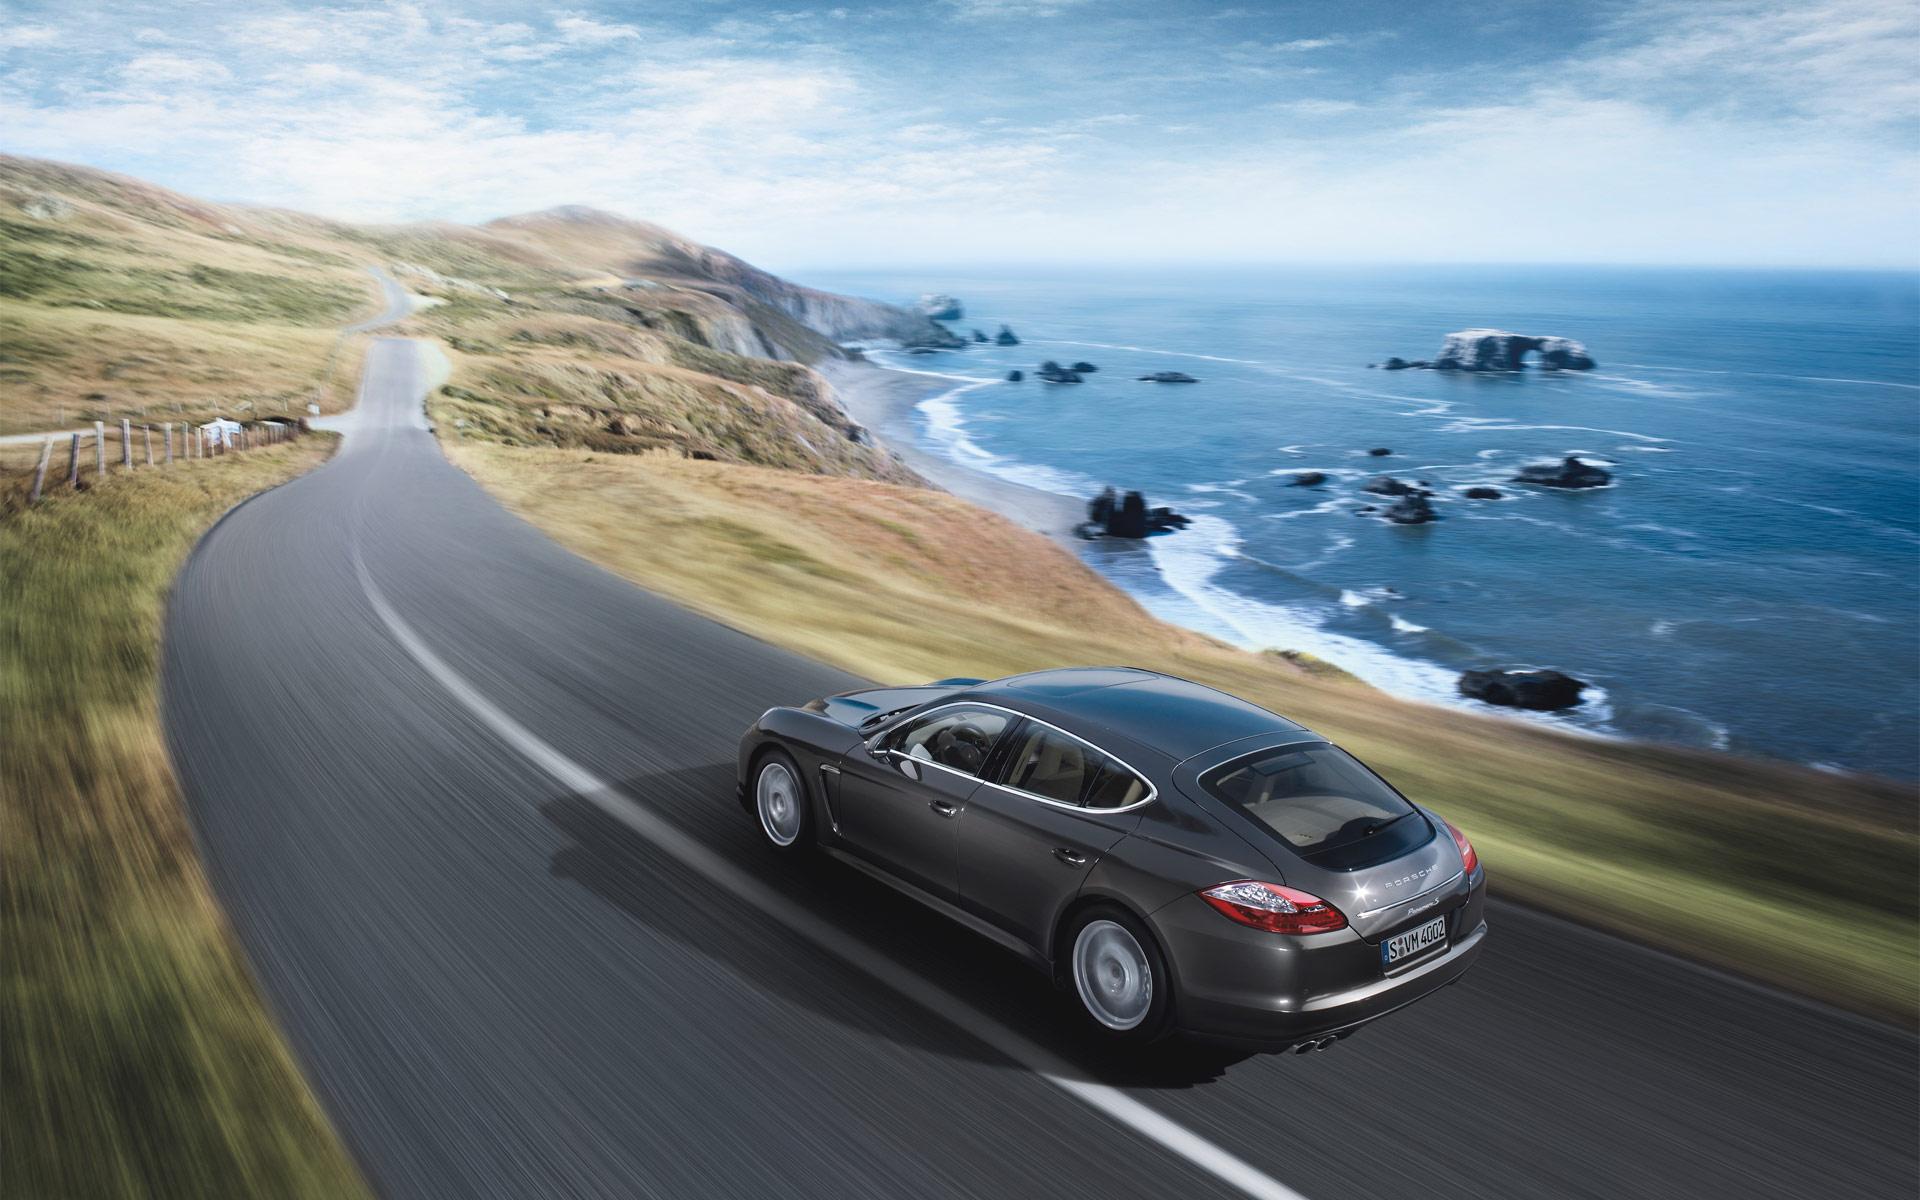 Porsche Panamera дорога скорость бесплатно